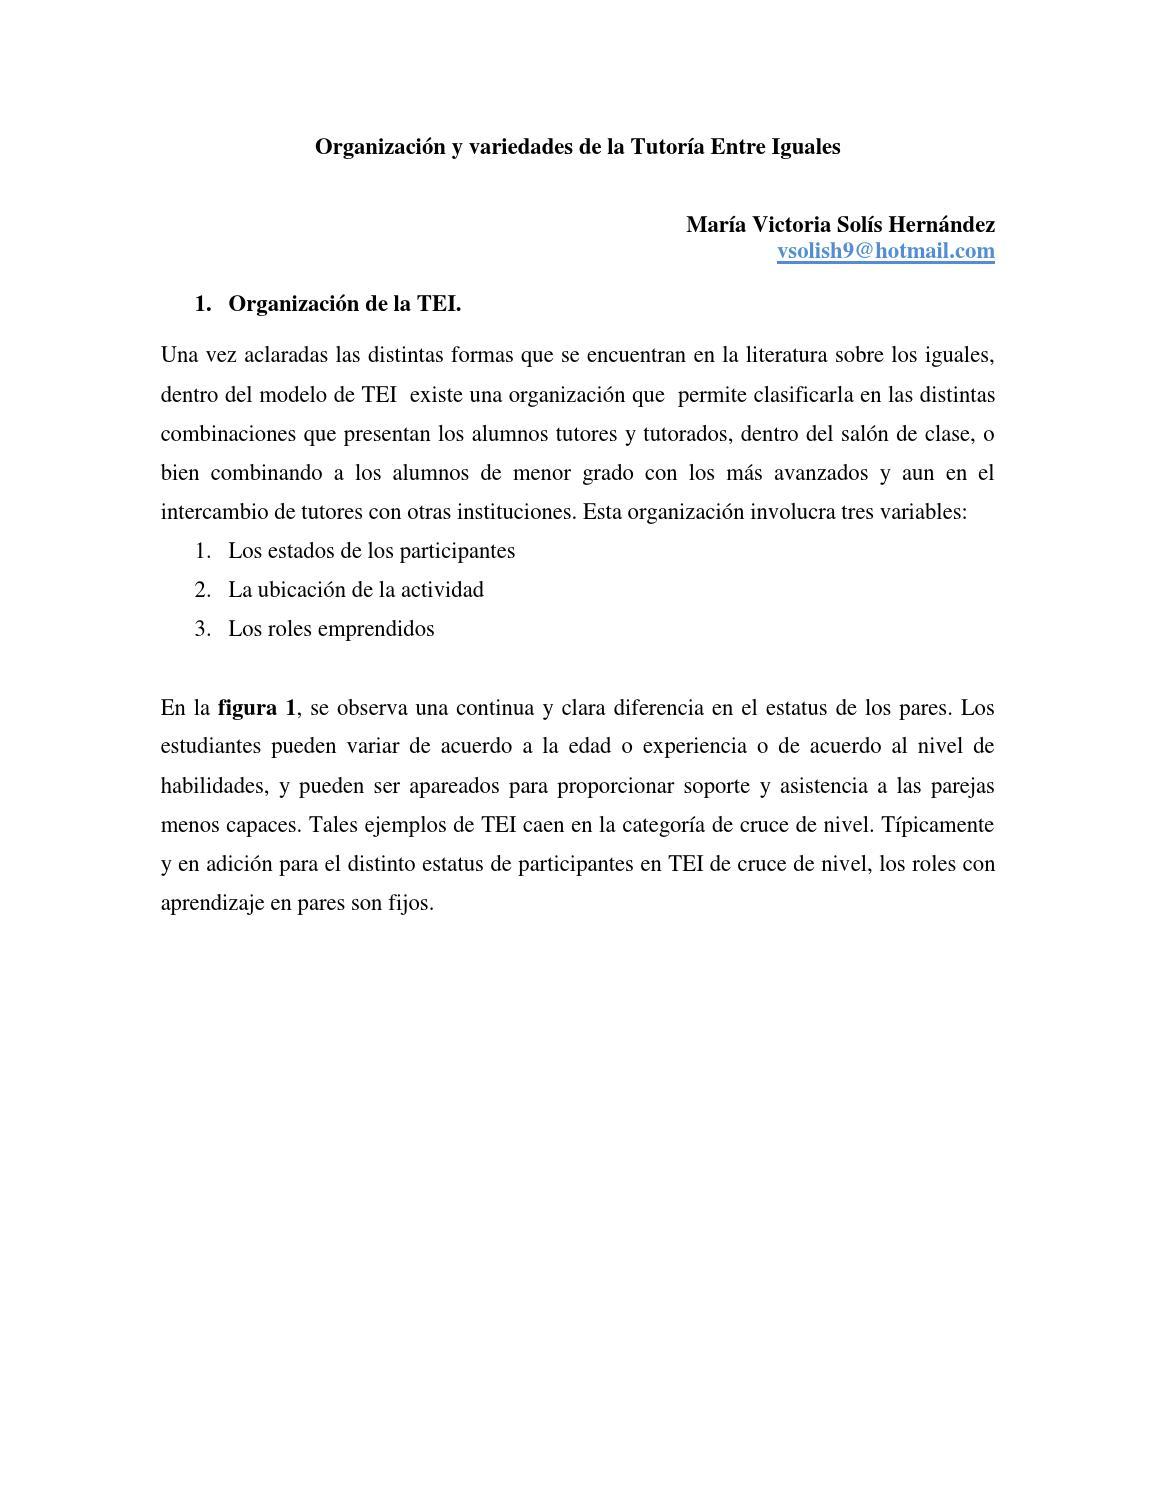 Organización y variedades de la tei by Victor Ramirez E - issuu